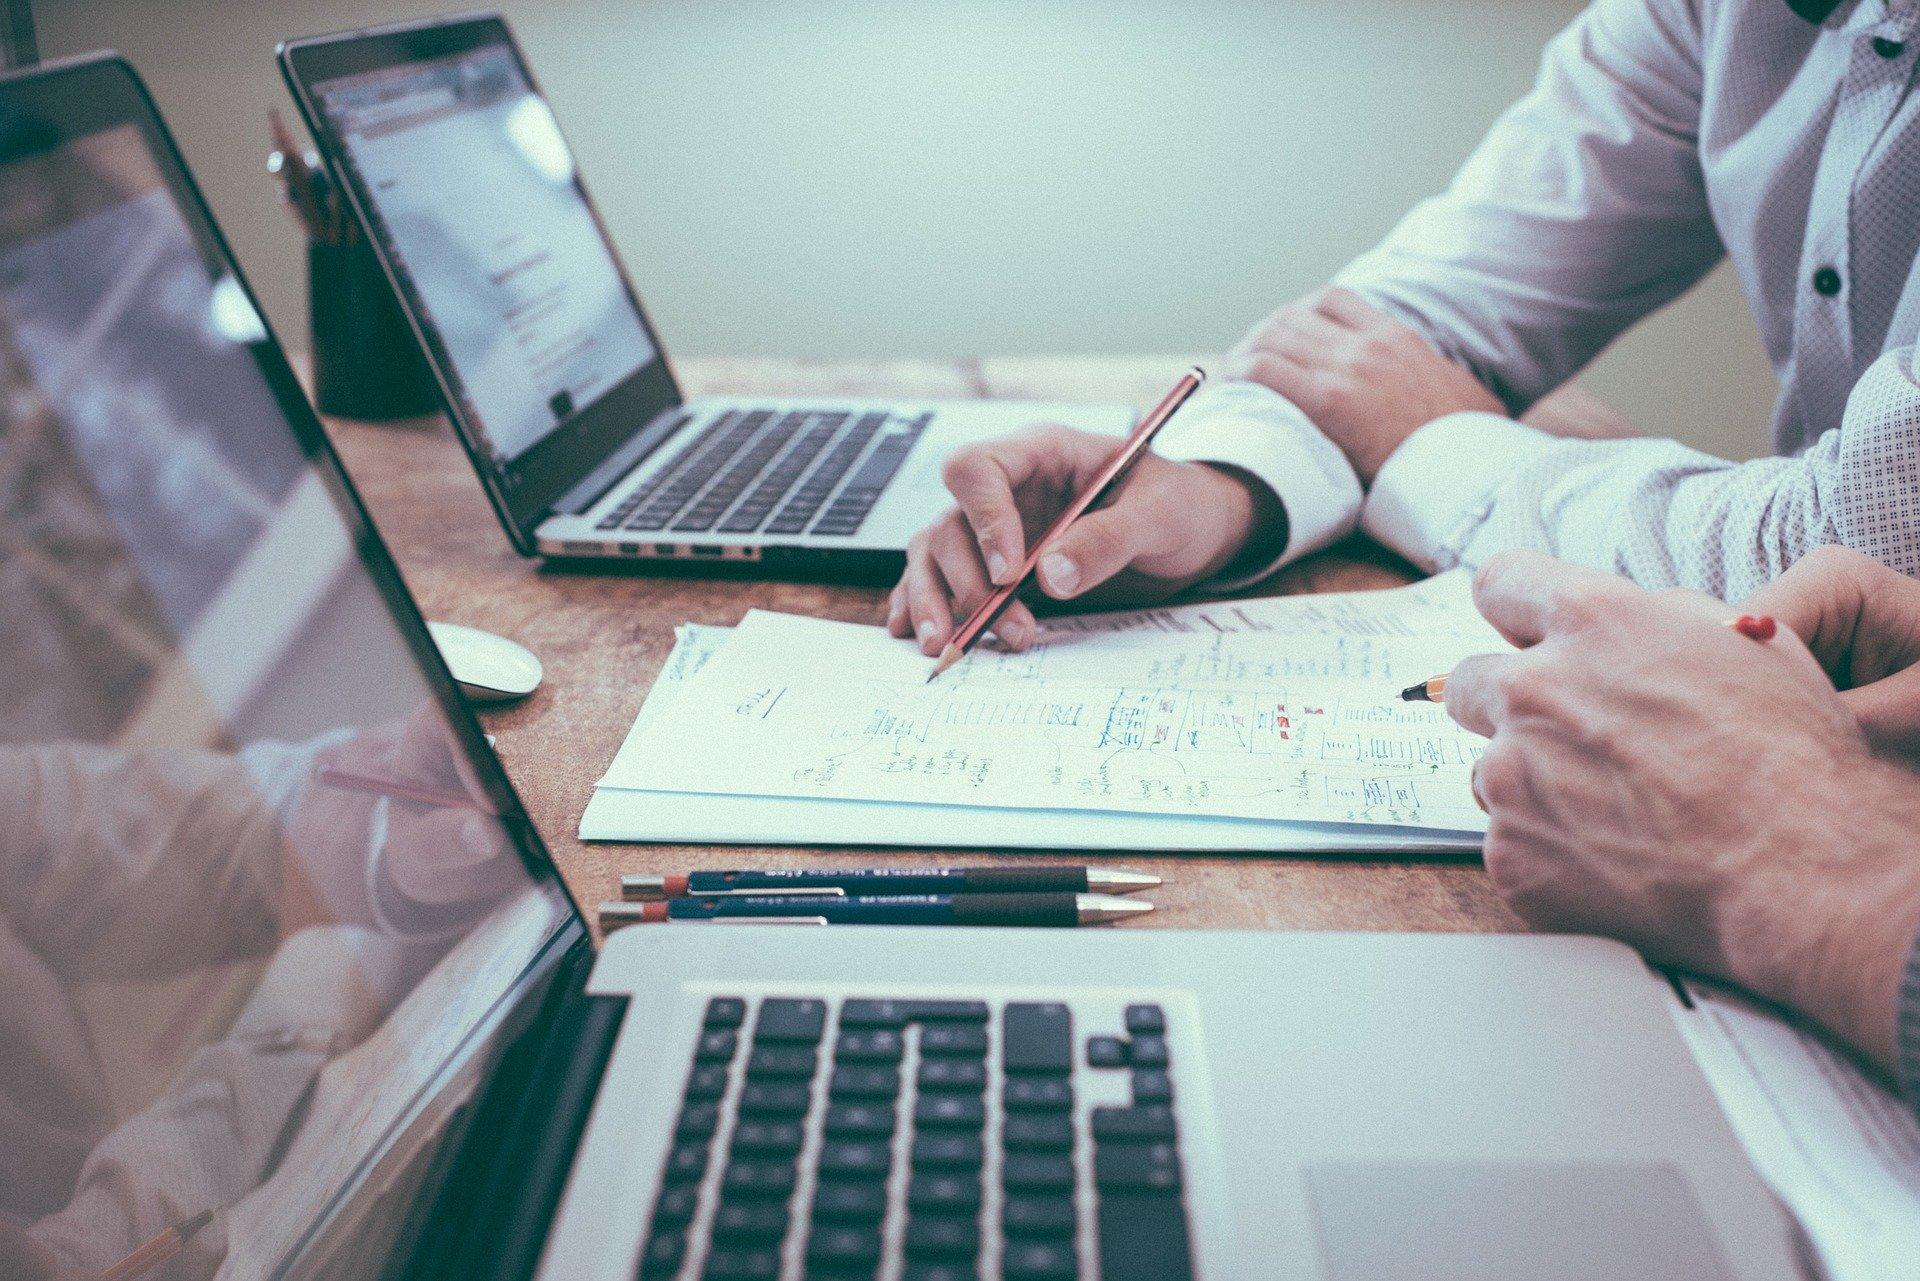 ما هي أهمية إعداد خطة العمل وهل يمكن البدء بدونها